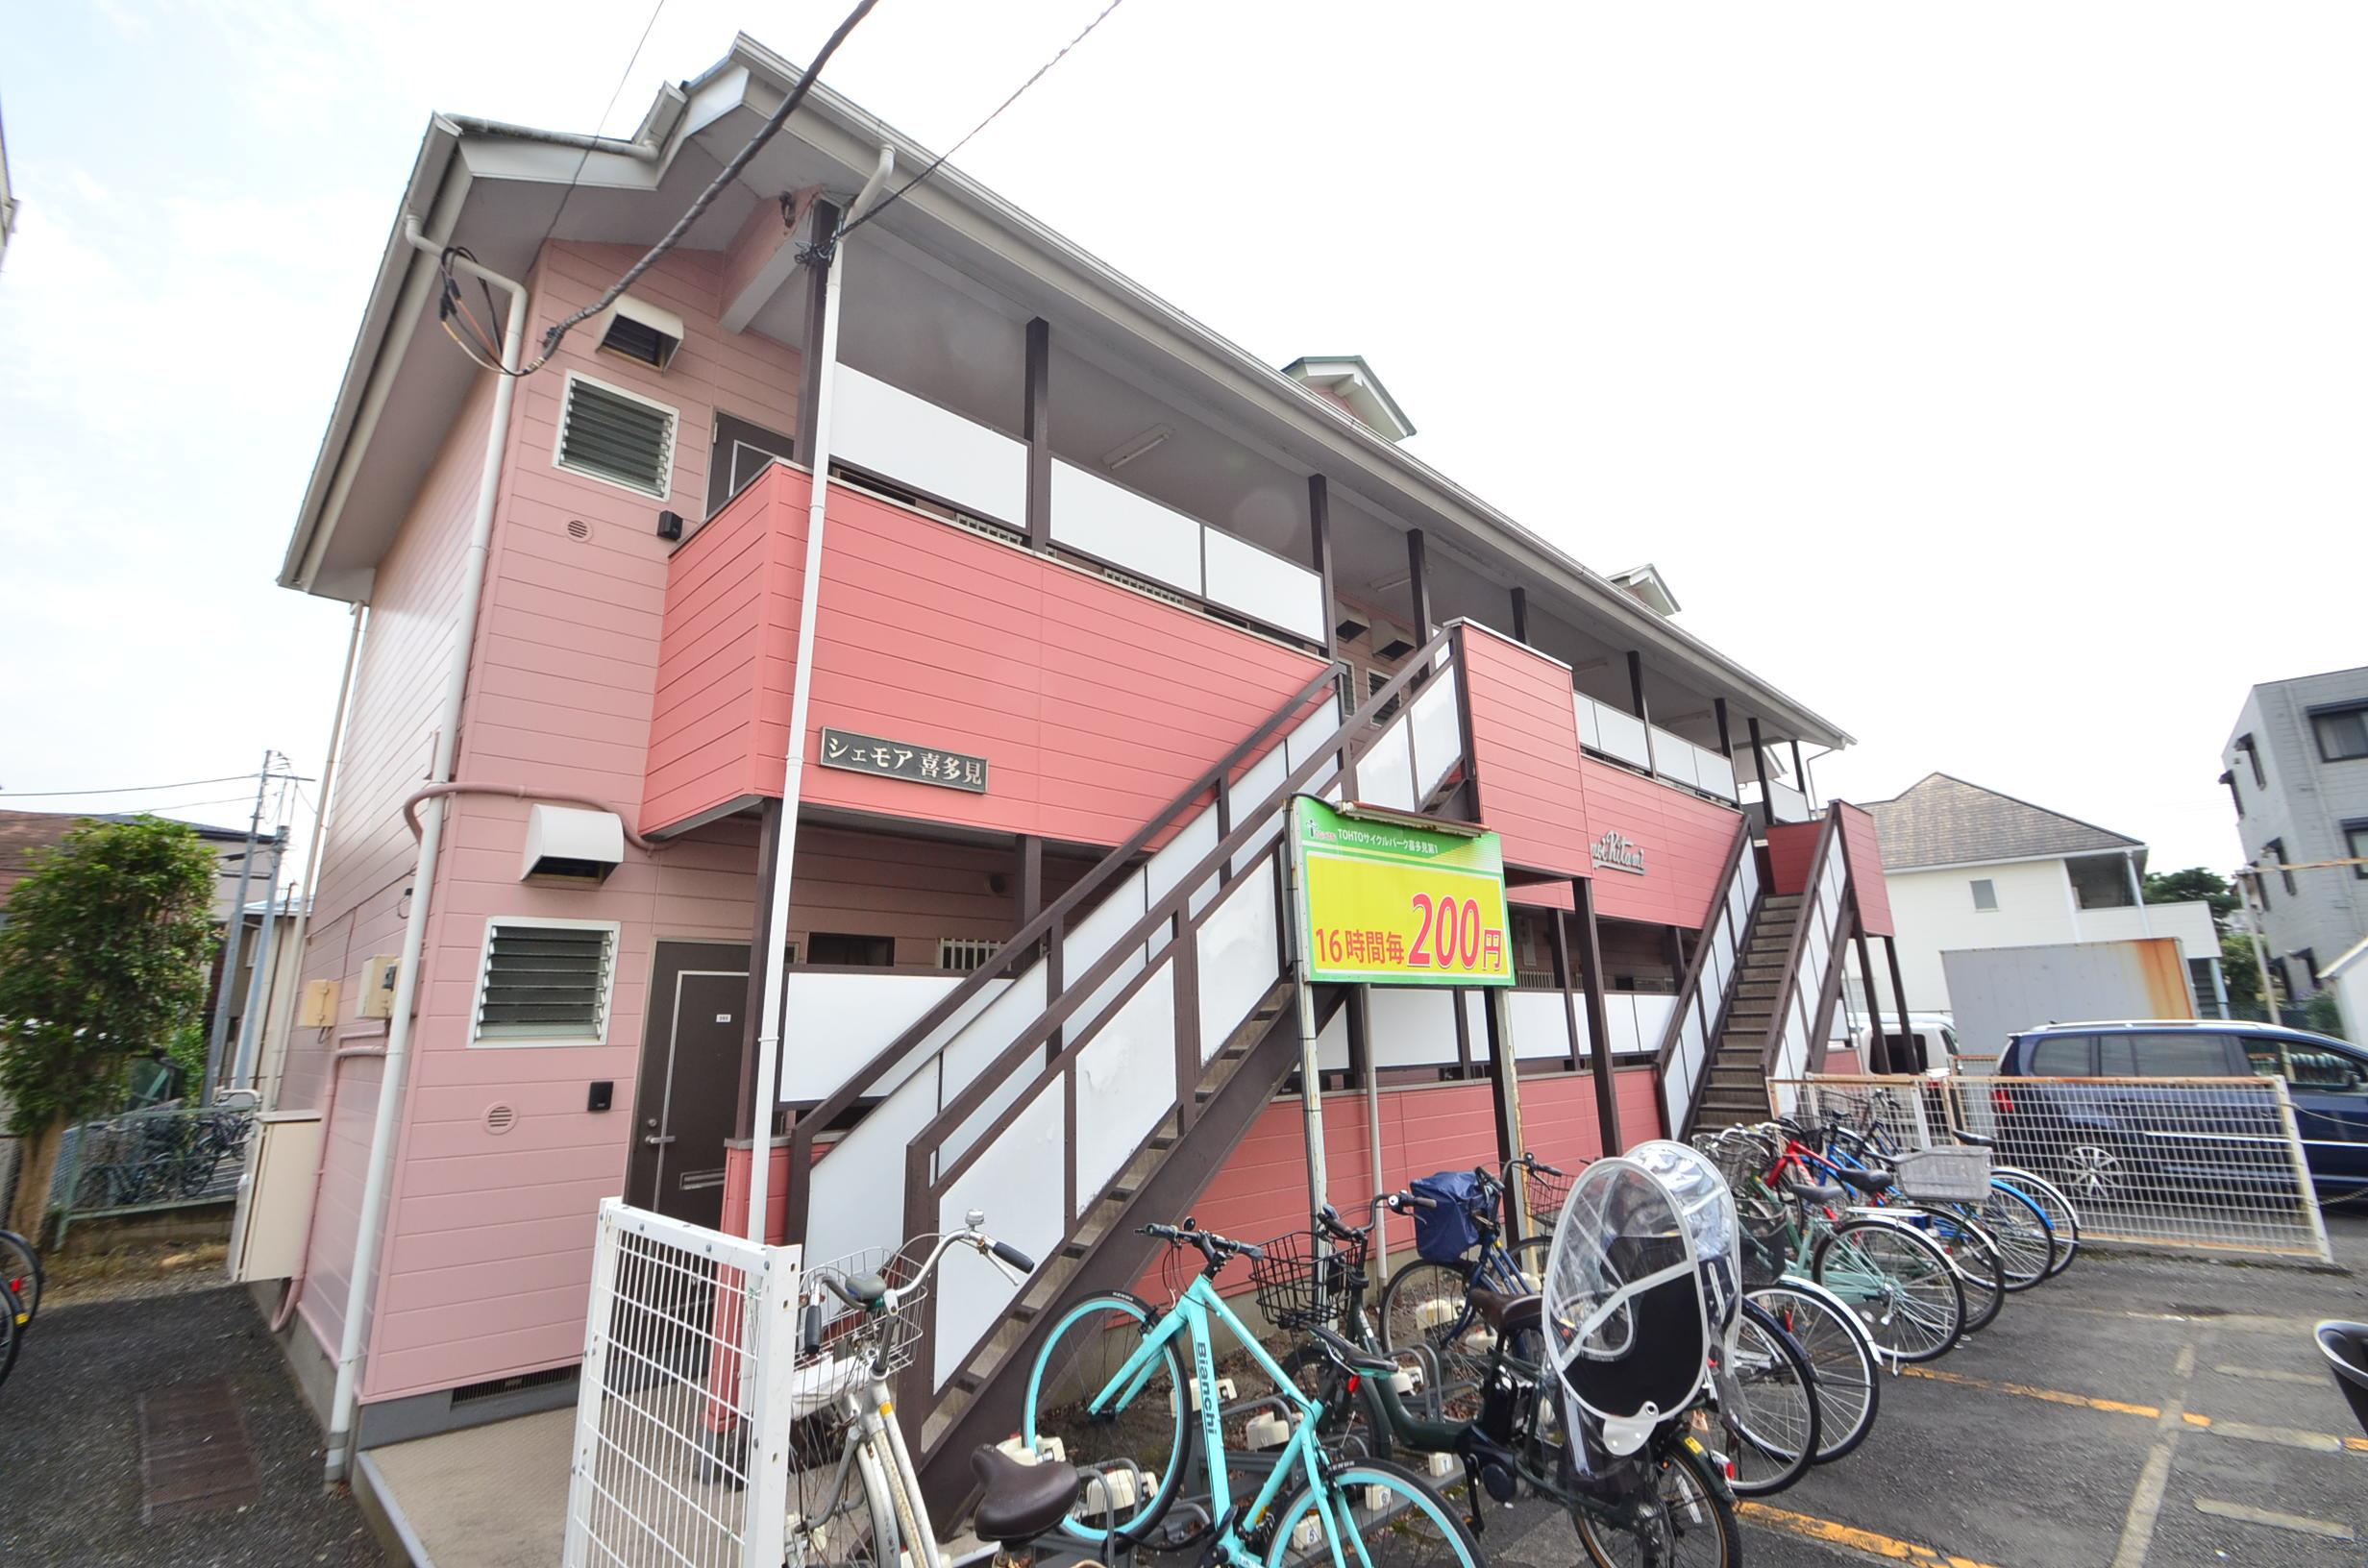 6465東都マンスリー コミュニティー・トーケン(狛江駅)【WiFi対応!新宿まで電車20分】